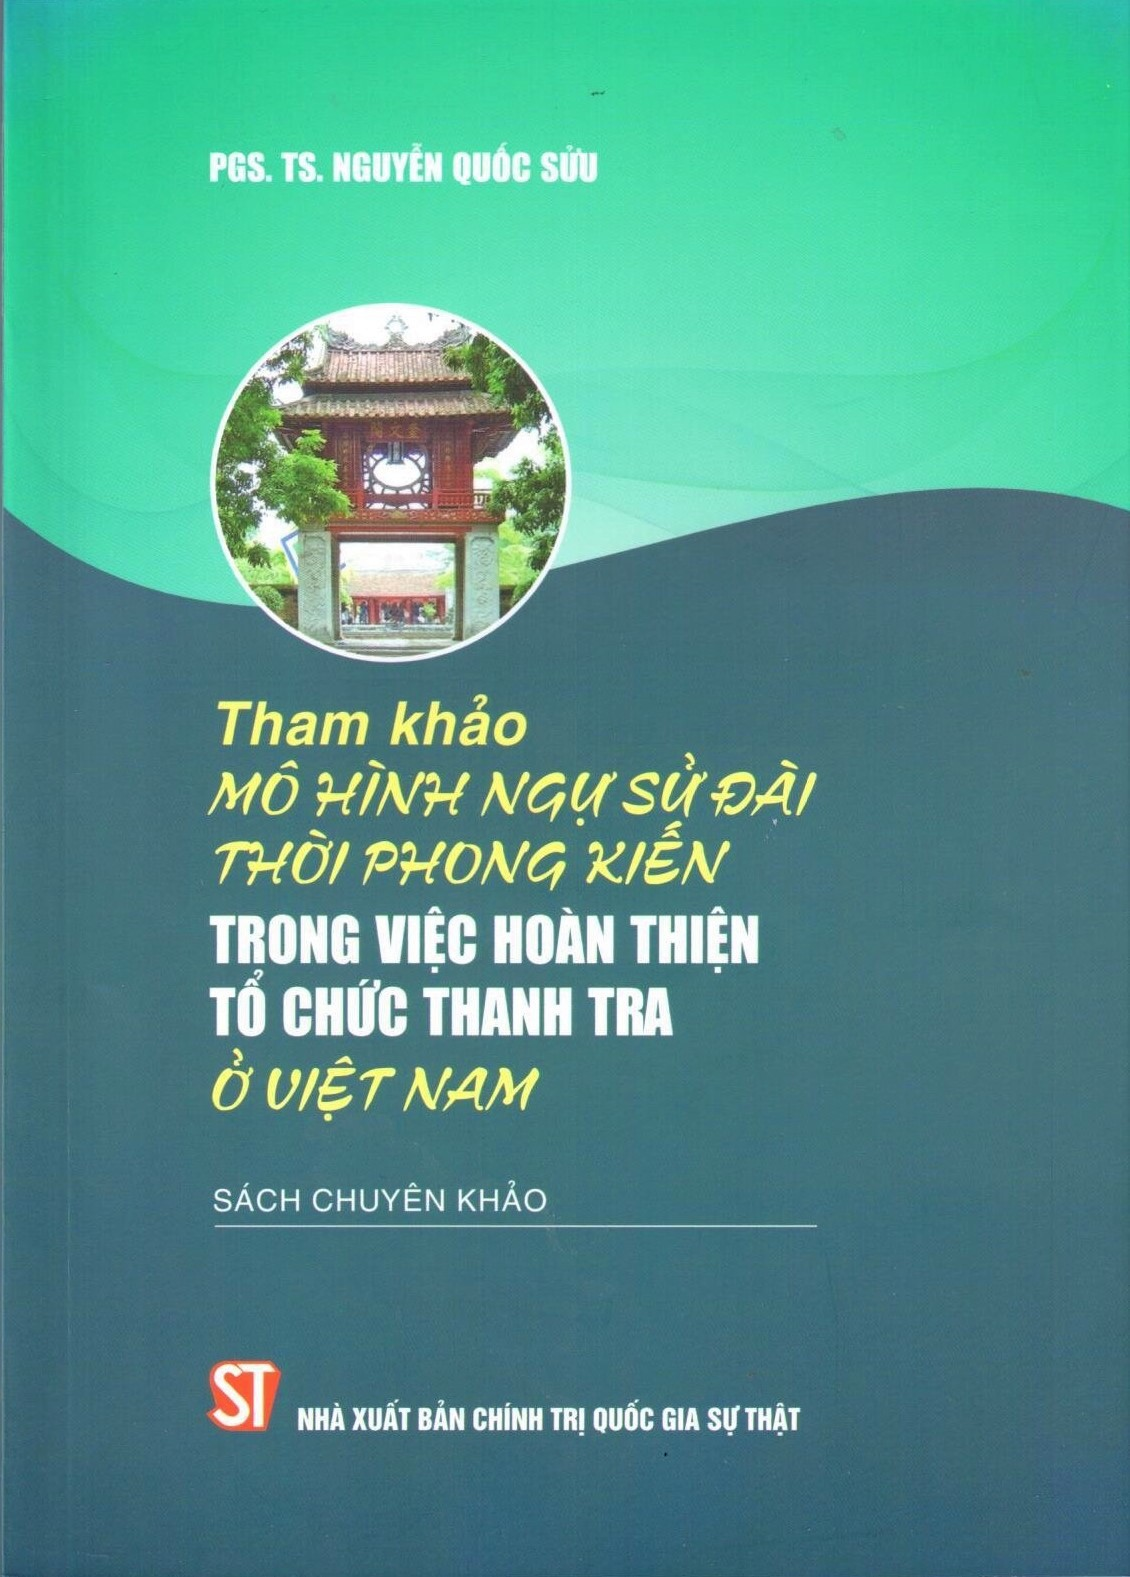 Tham khảo mô hình Ngự sử đài thời phong kiến trong việc hoàn thiện tổ chức thanh tra ở Việt Nam (Sách chuyên khảo)